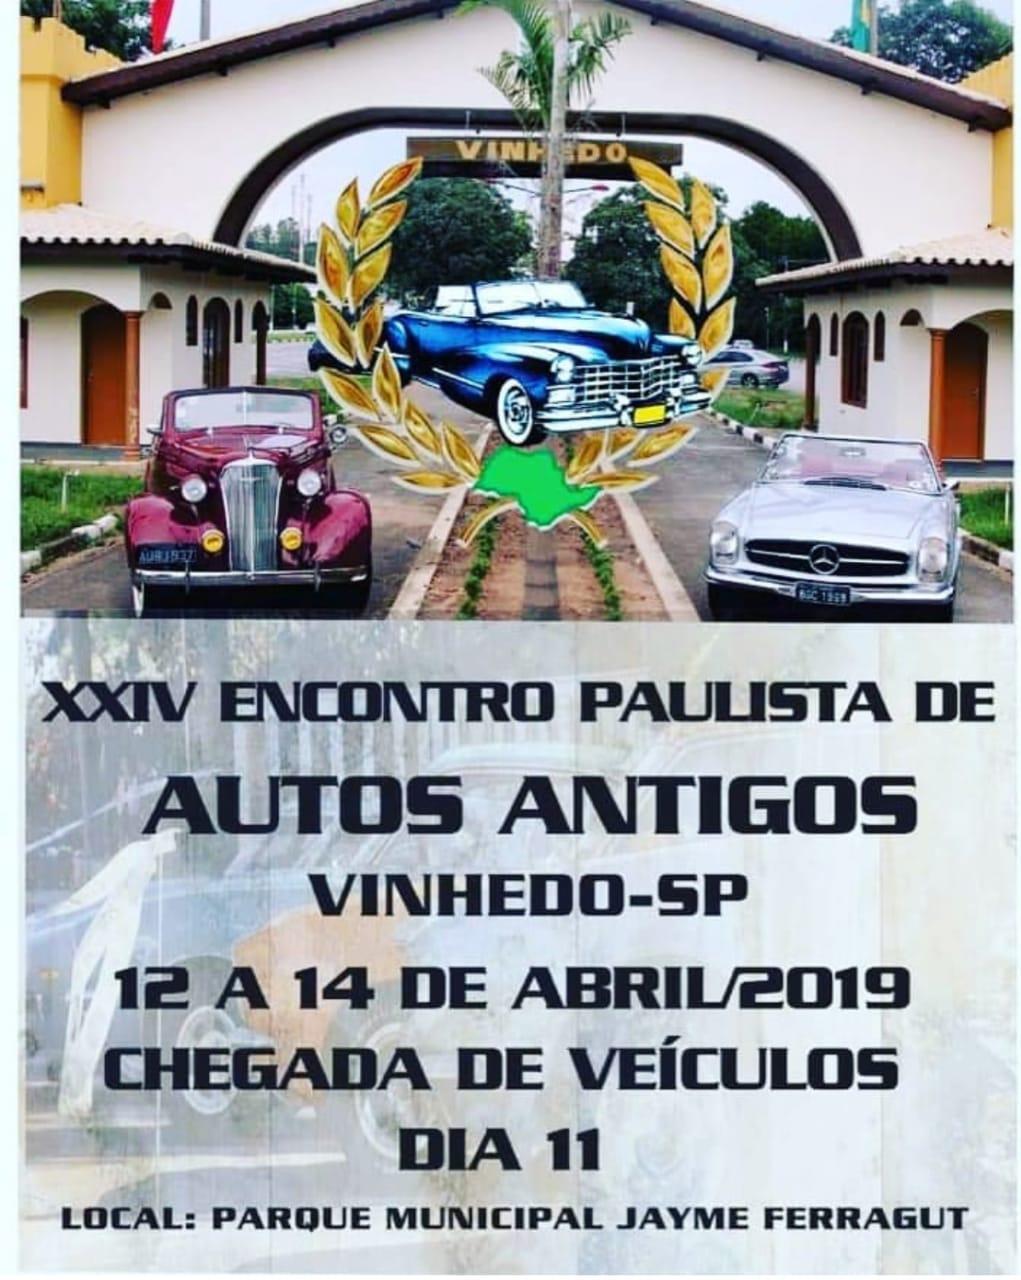 XXIV Encontro Paulista de Autos Antigos - Vinhedo